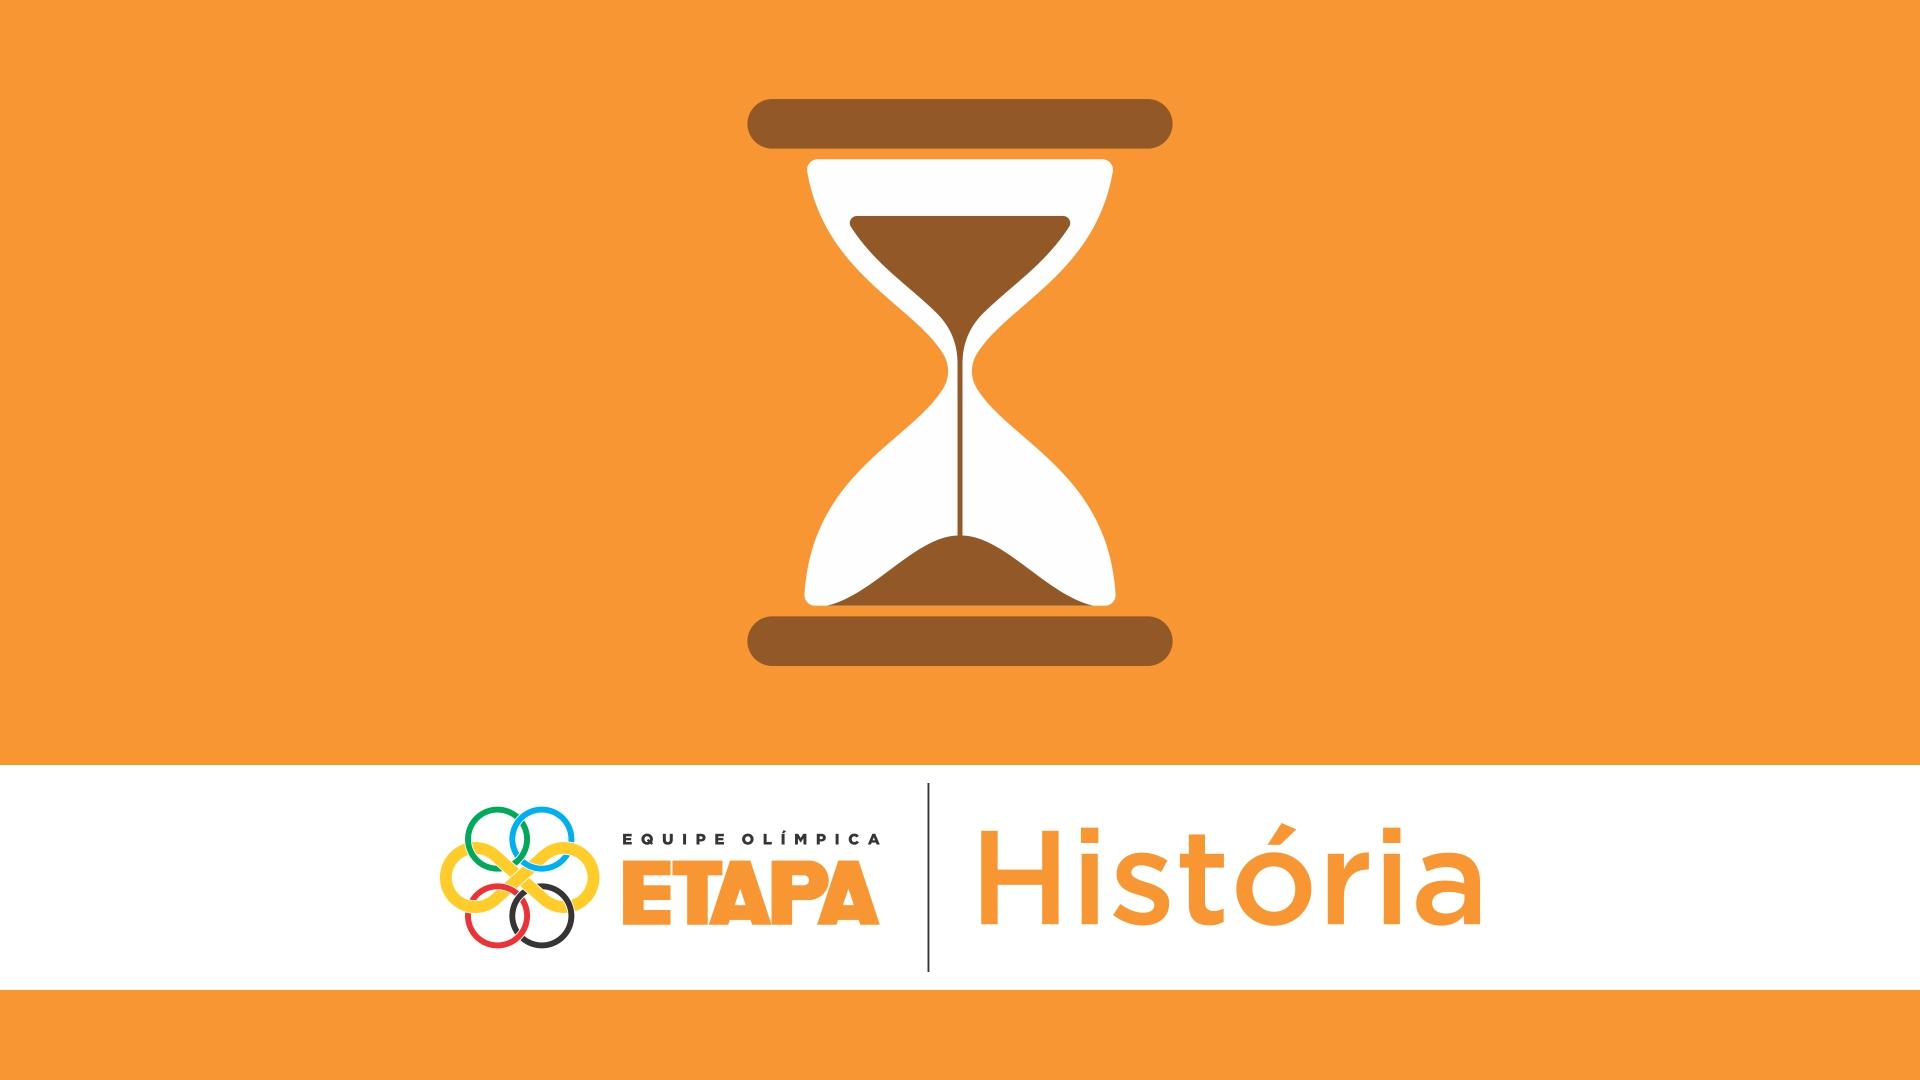 Além da equipe Filhas de Minerva, o grupo Ad Astra recebeu menção honrosa na Olimpíada Nacional em História do Brasil (ONHB).